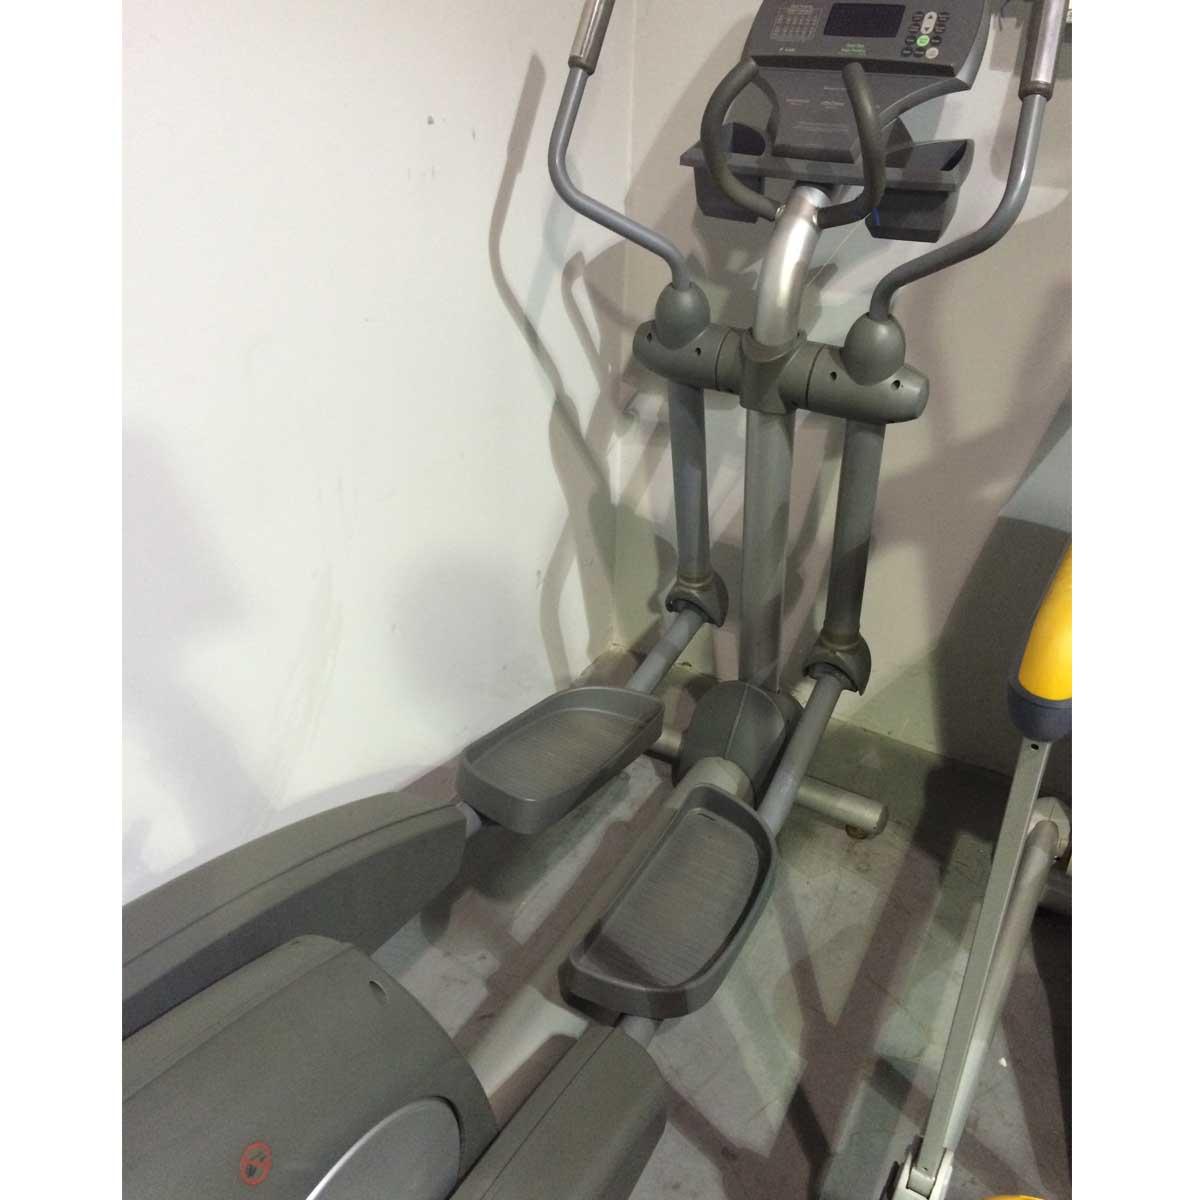 Used Elliptical Machines - Fit On Sale